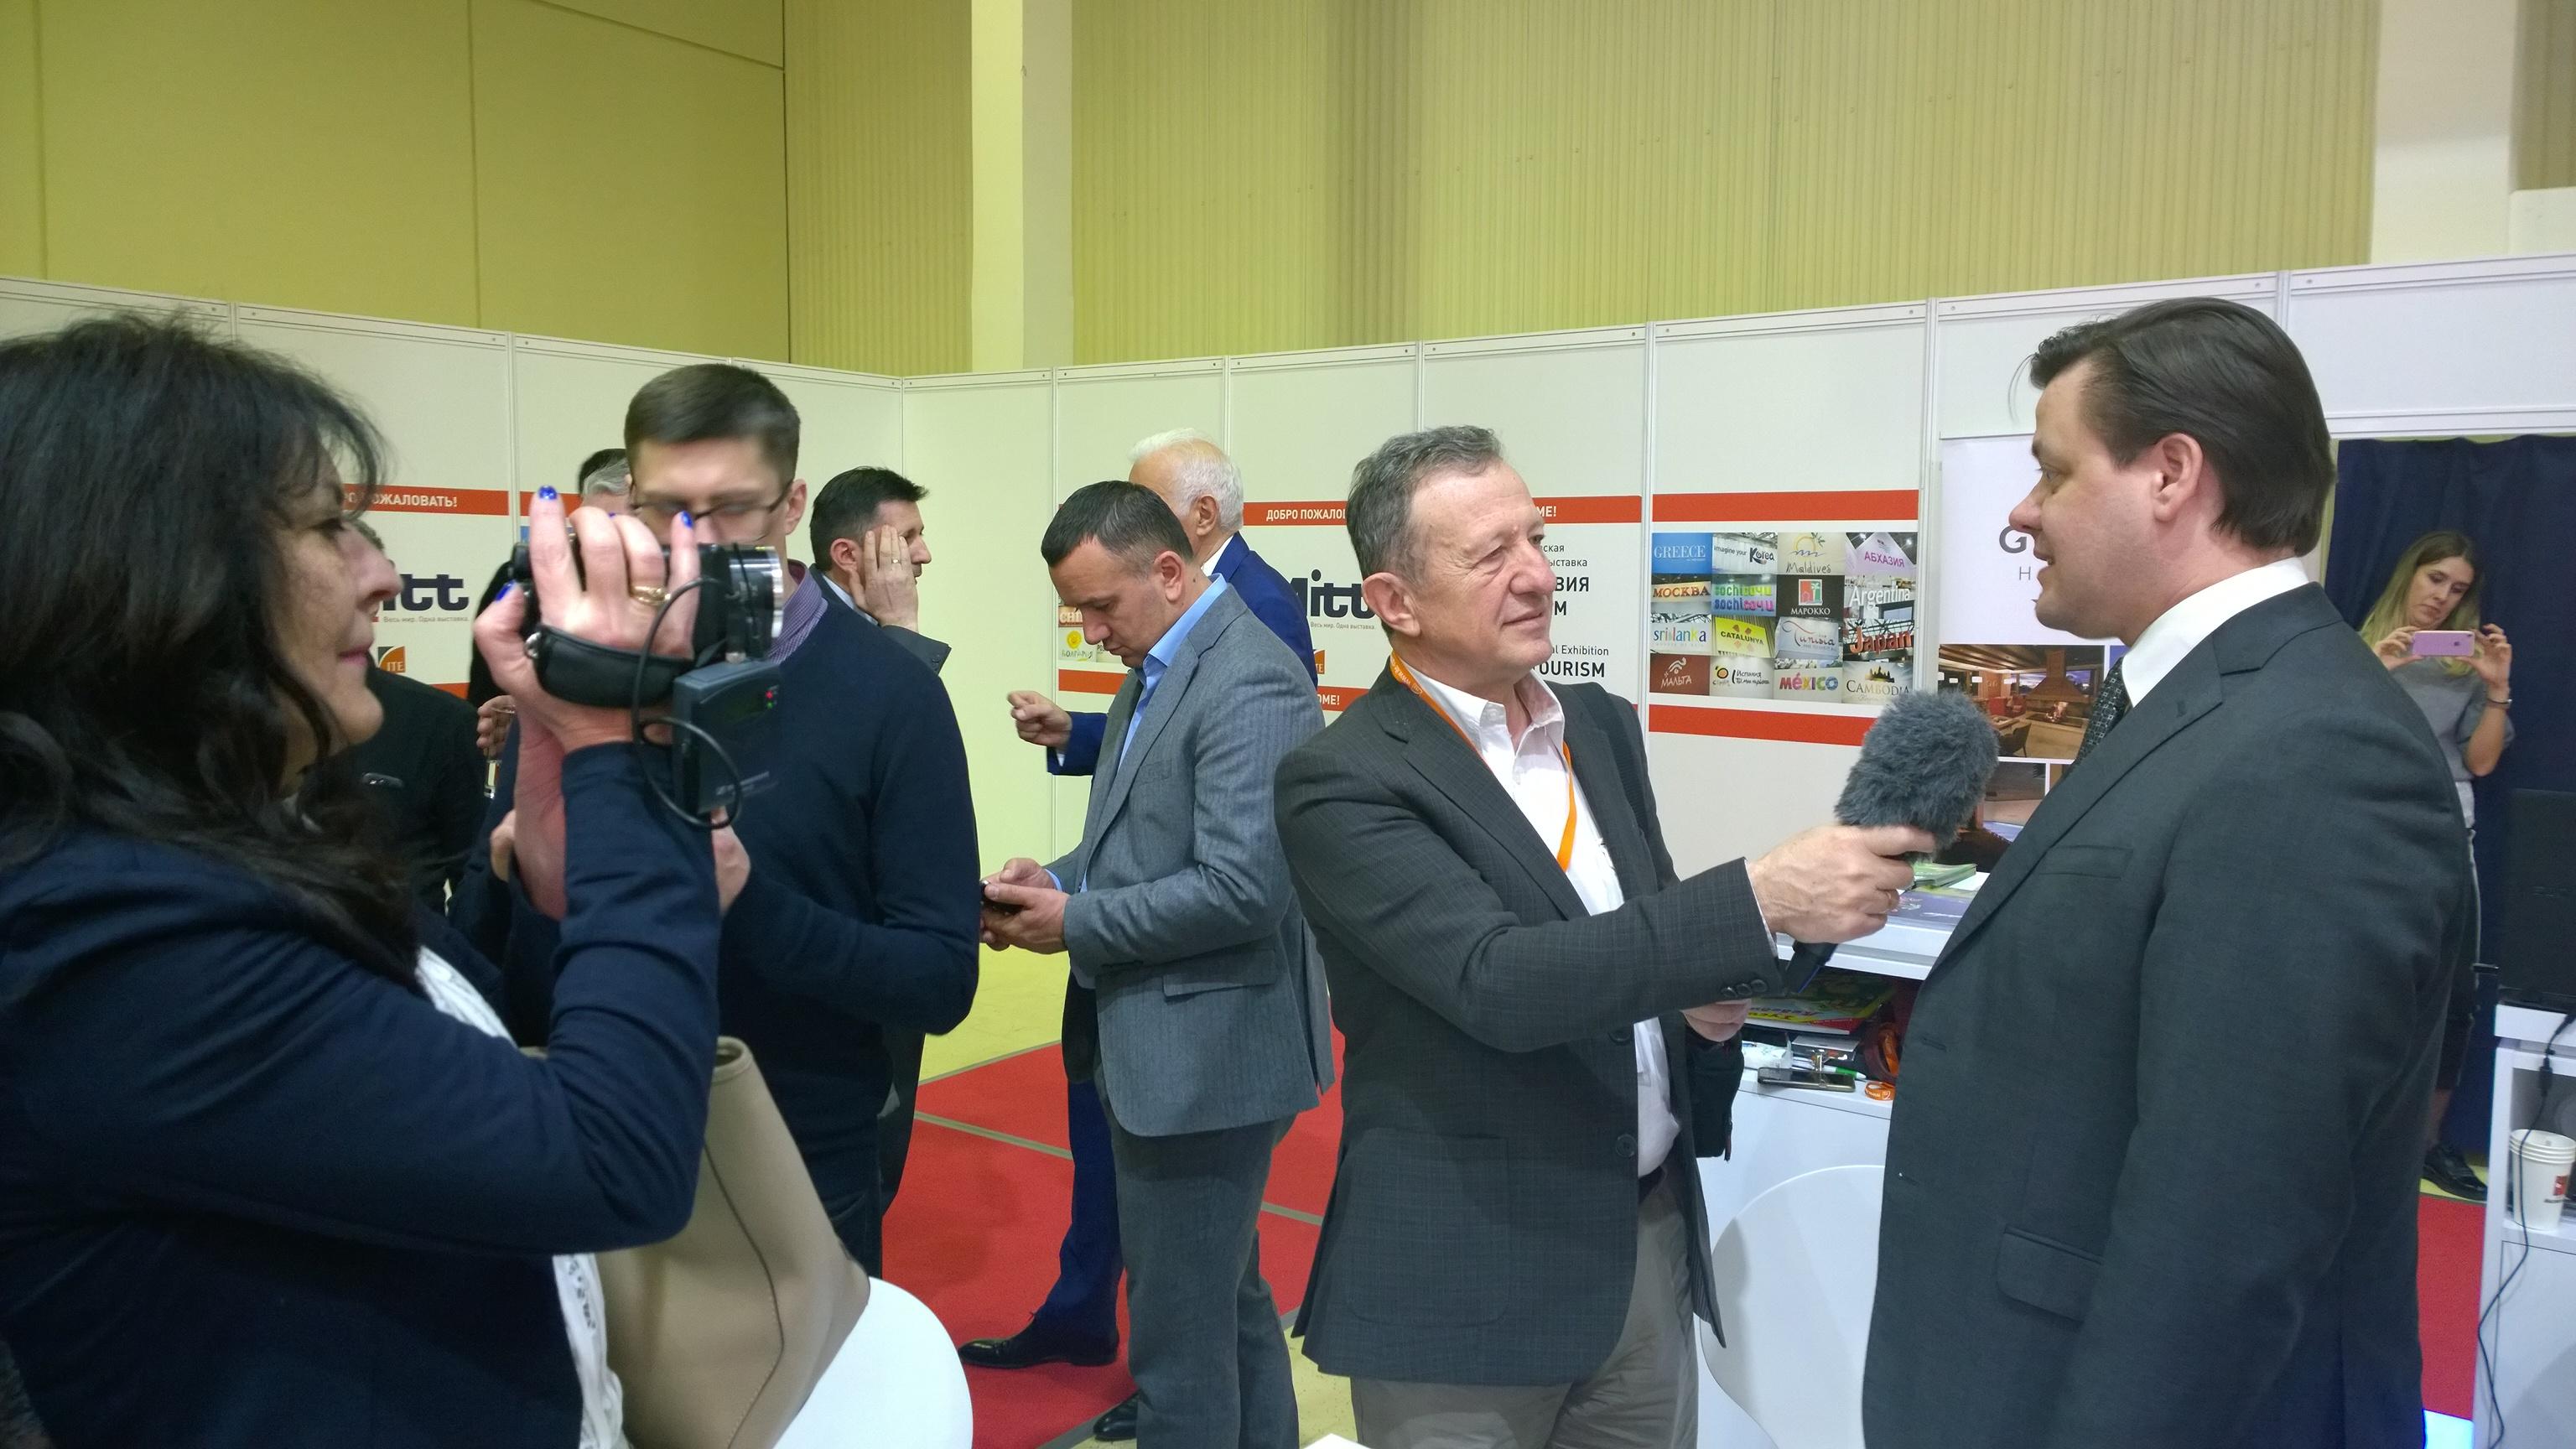 На открытии выставки присутствовал известный сербский ведущий Живорад Николич.